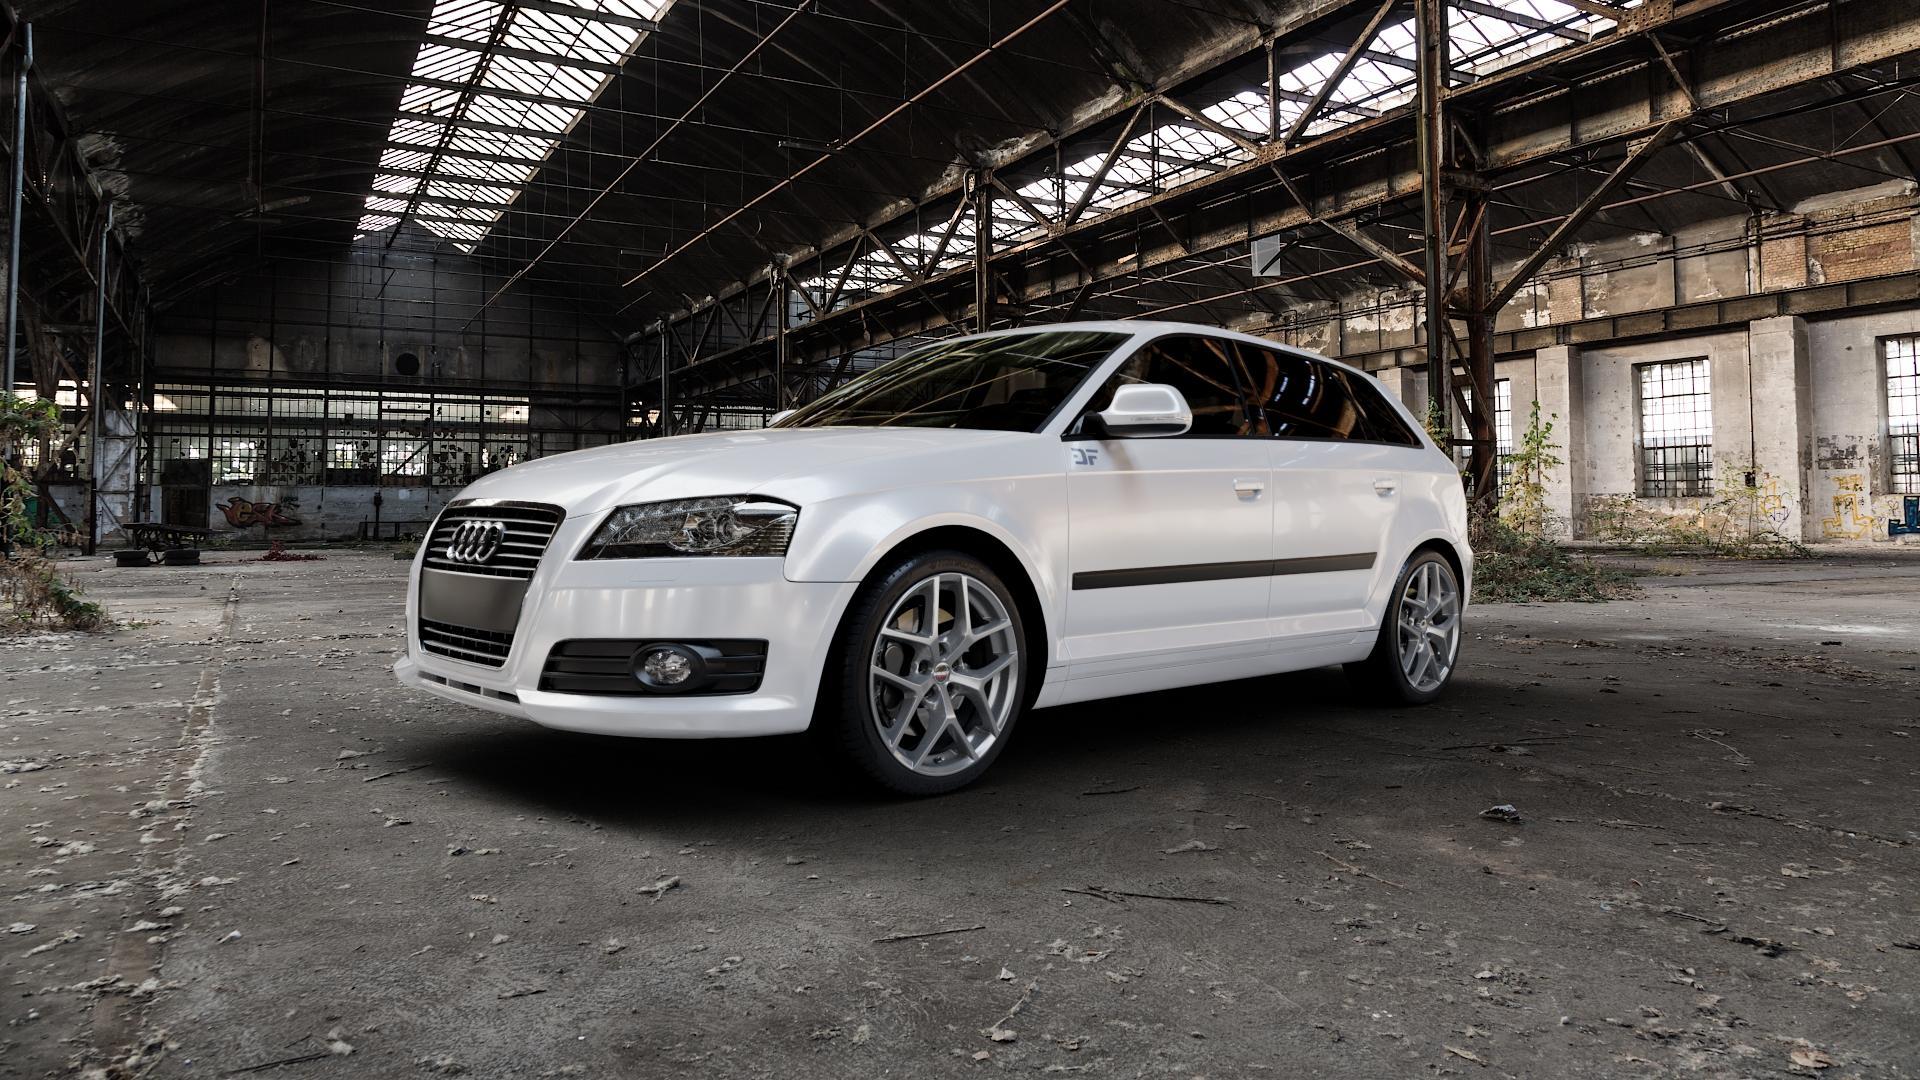 Borbet Y titan matt Felge mit Reifen grau in 18Zoll Winterfelge Alufelge auf weissem Audi A3 Typ 8P (Sportback) 1,6l 75kW (102 PS) 2,0l FSI 110kW (150 1,9l TDI 77kW (105 103kW (140 TFSI 147kW (200 85kW (116 100kW (136 1,8l 118kW (160 125kW (170 1,4l 92kW (125 120kW (163 quattro 3,2l V6 184kW (250 S3 195kW (265 1,2l 66kW (90 18